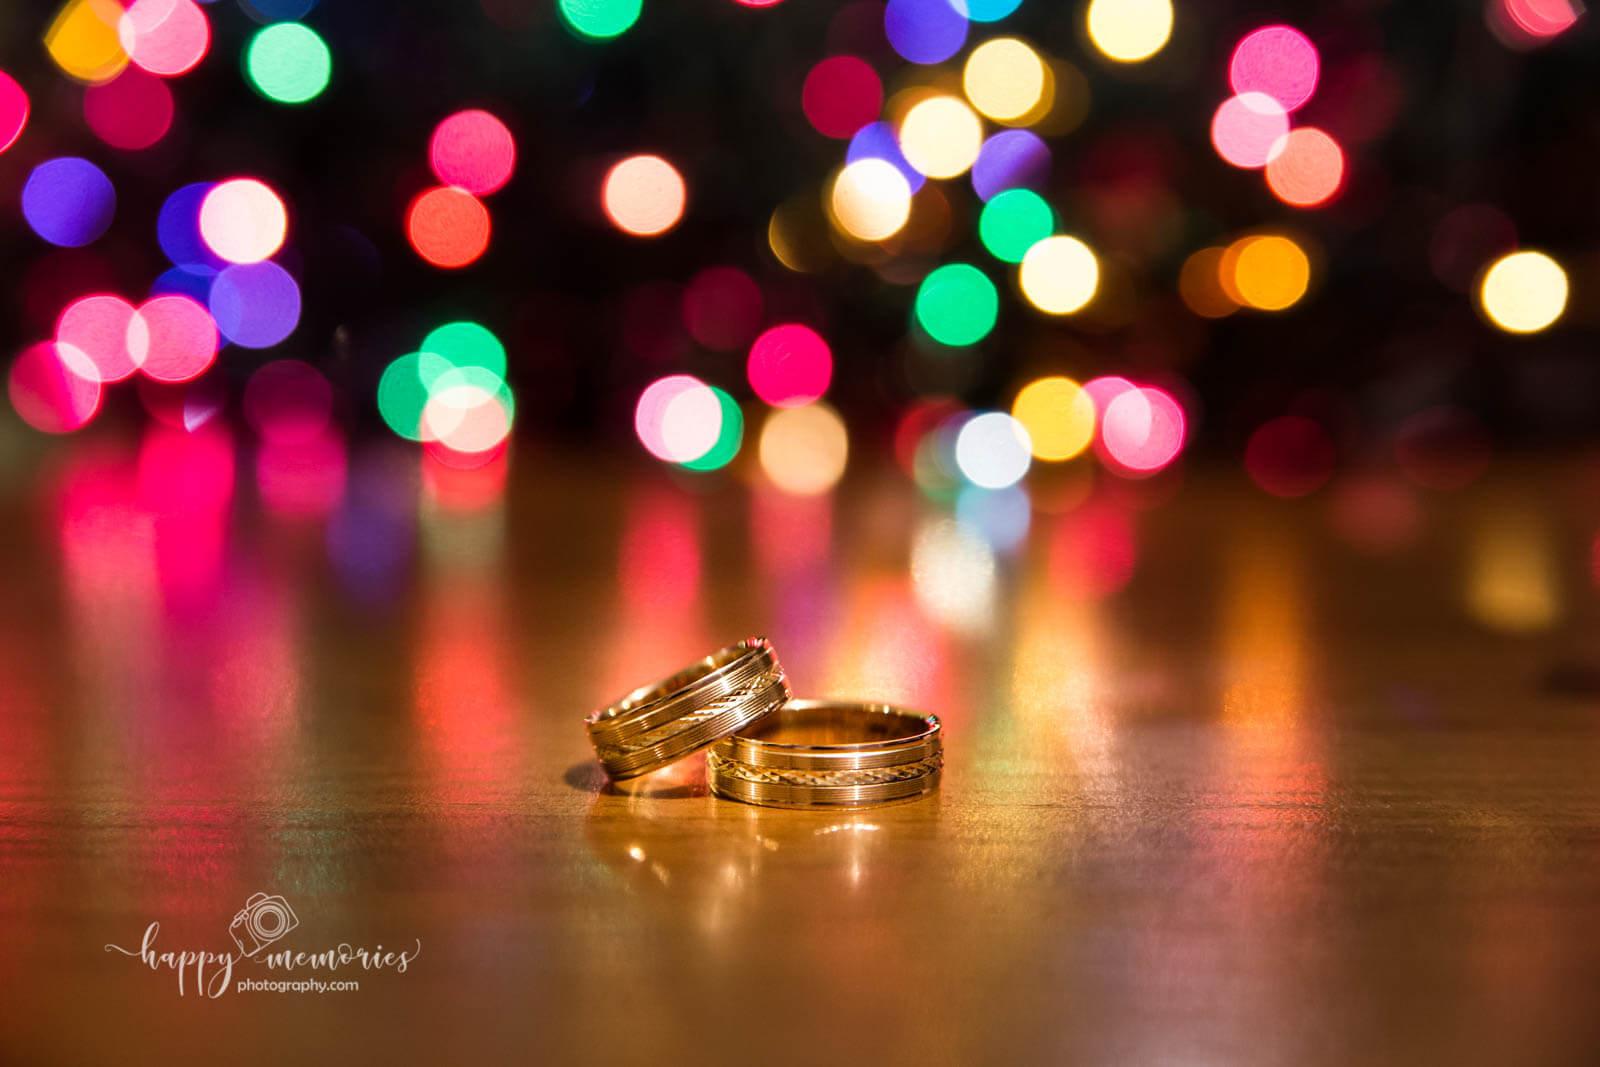 Wedding photographer Horsham-12